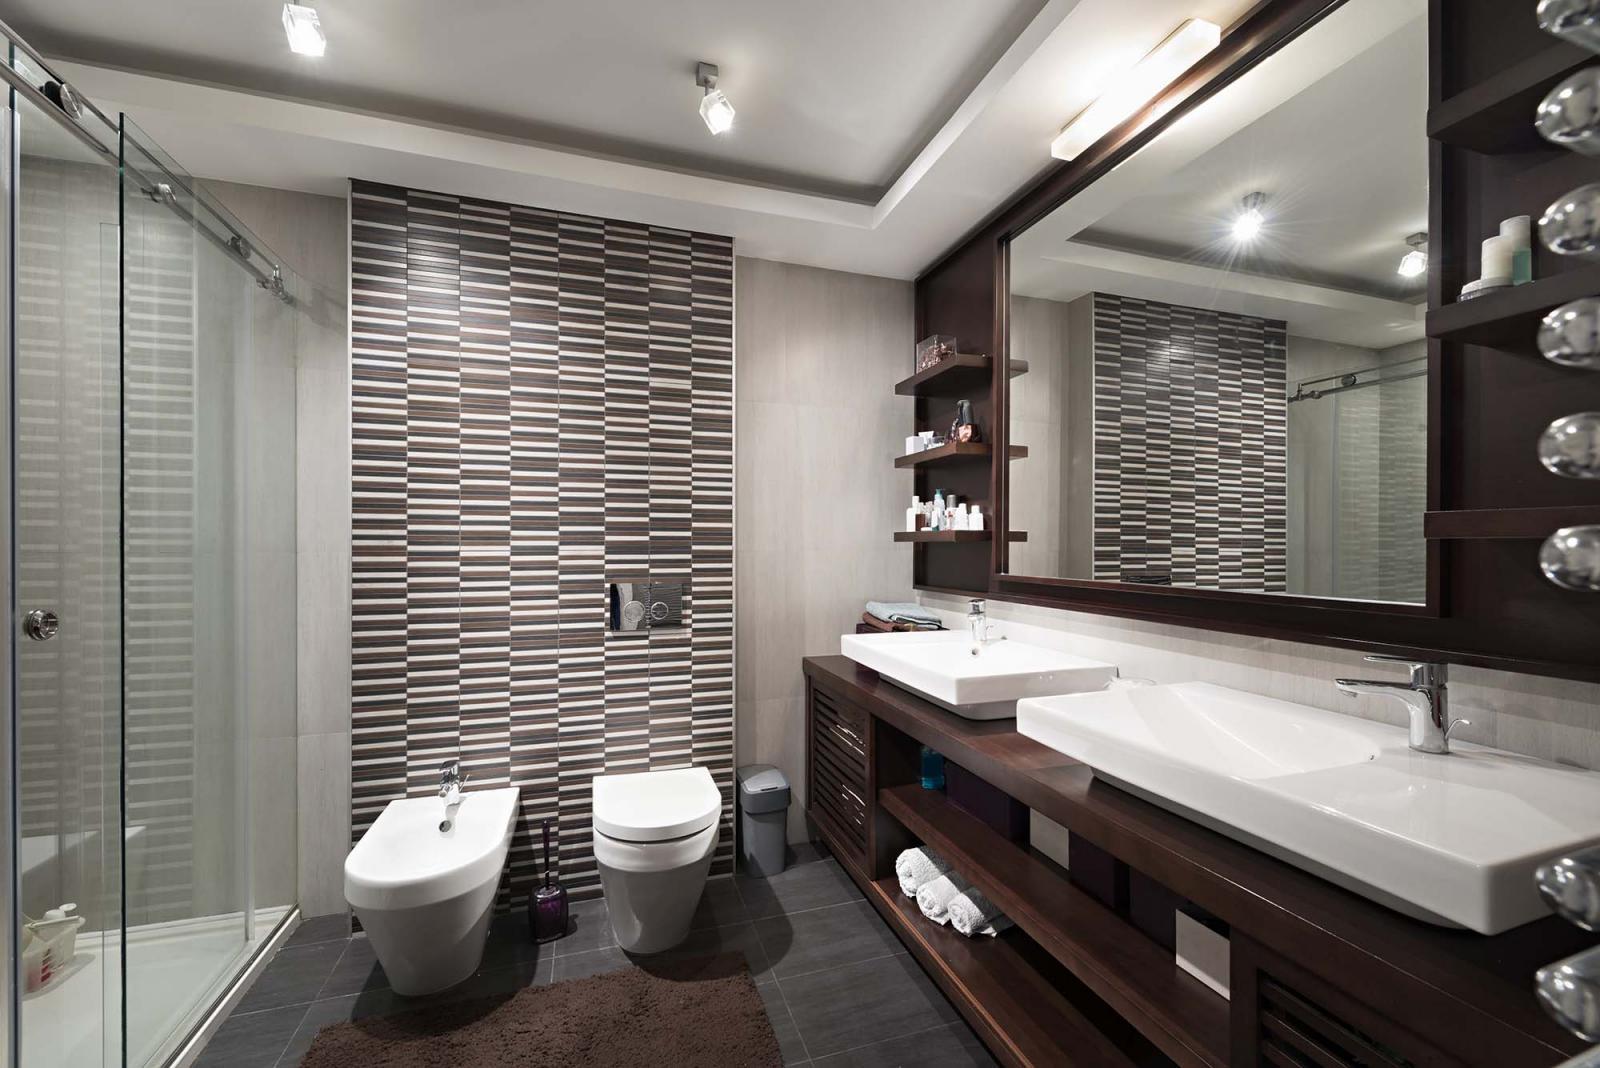 Phòng vệ sinh lớn, hai toilet, hai bồn rửa tay, nhiều bóng đèn thắp sáng.